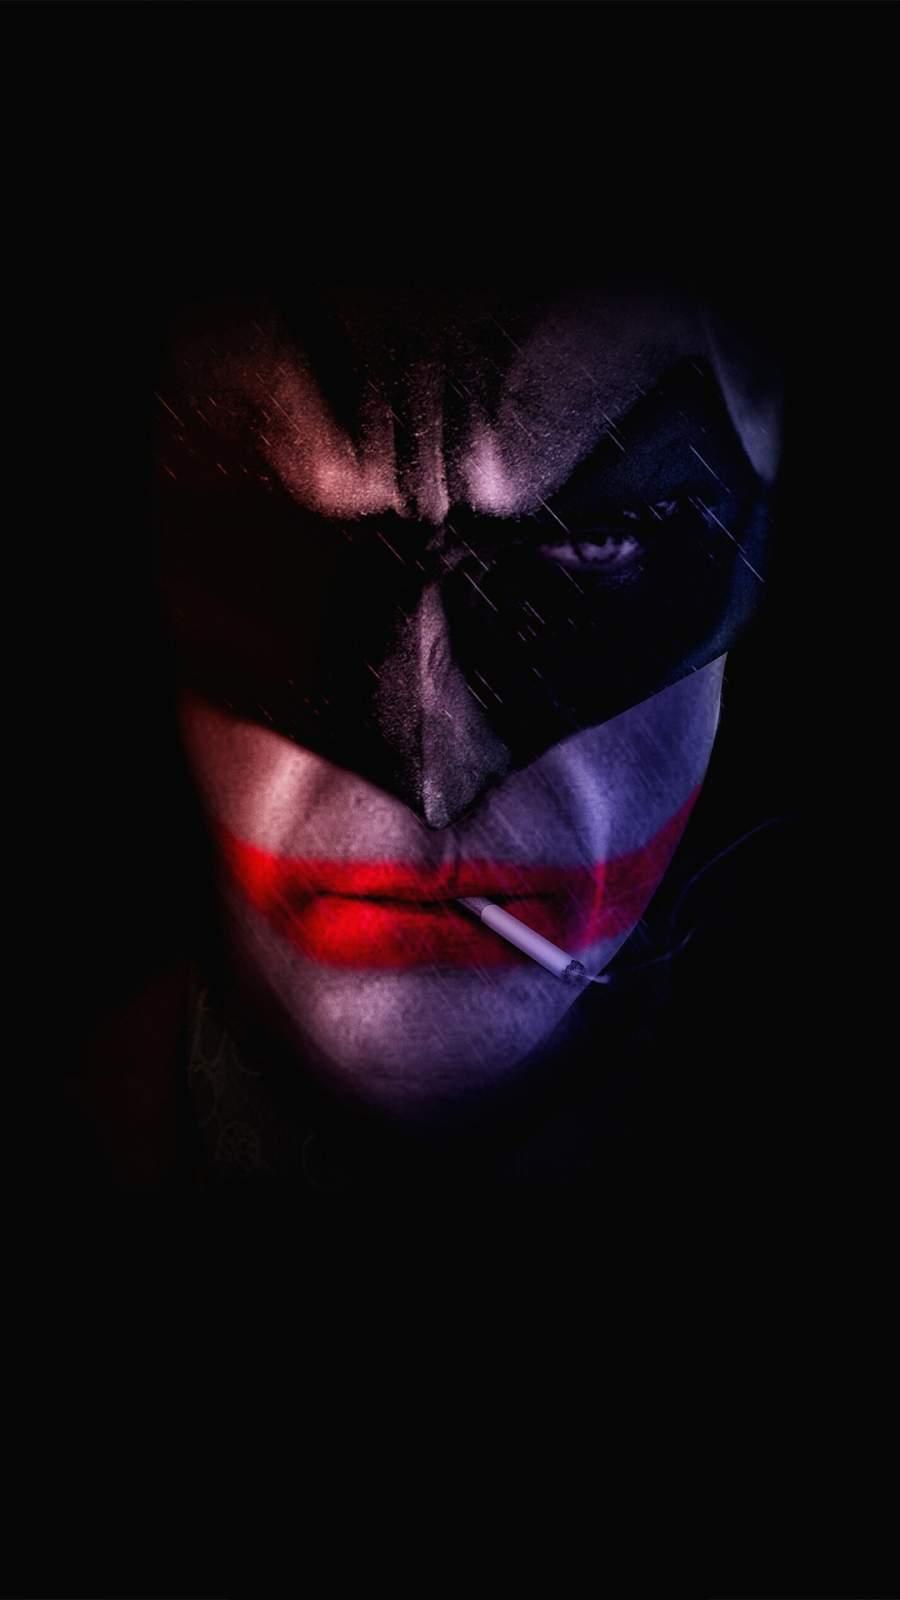 Bat Joker iPhone Wallpaper